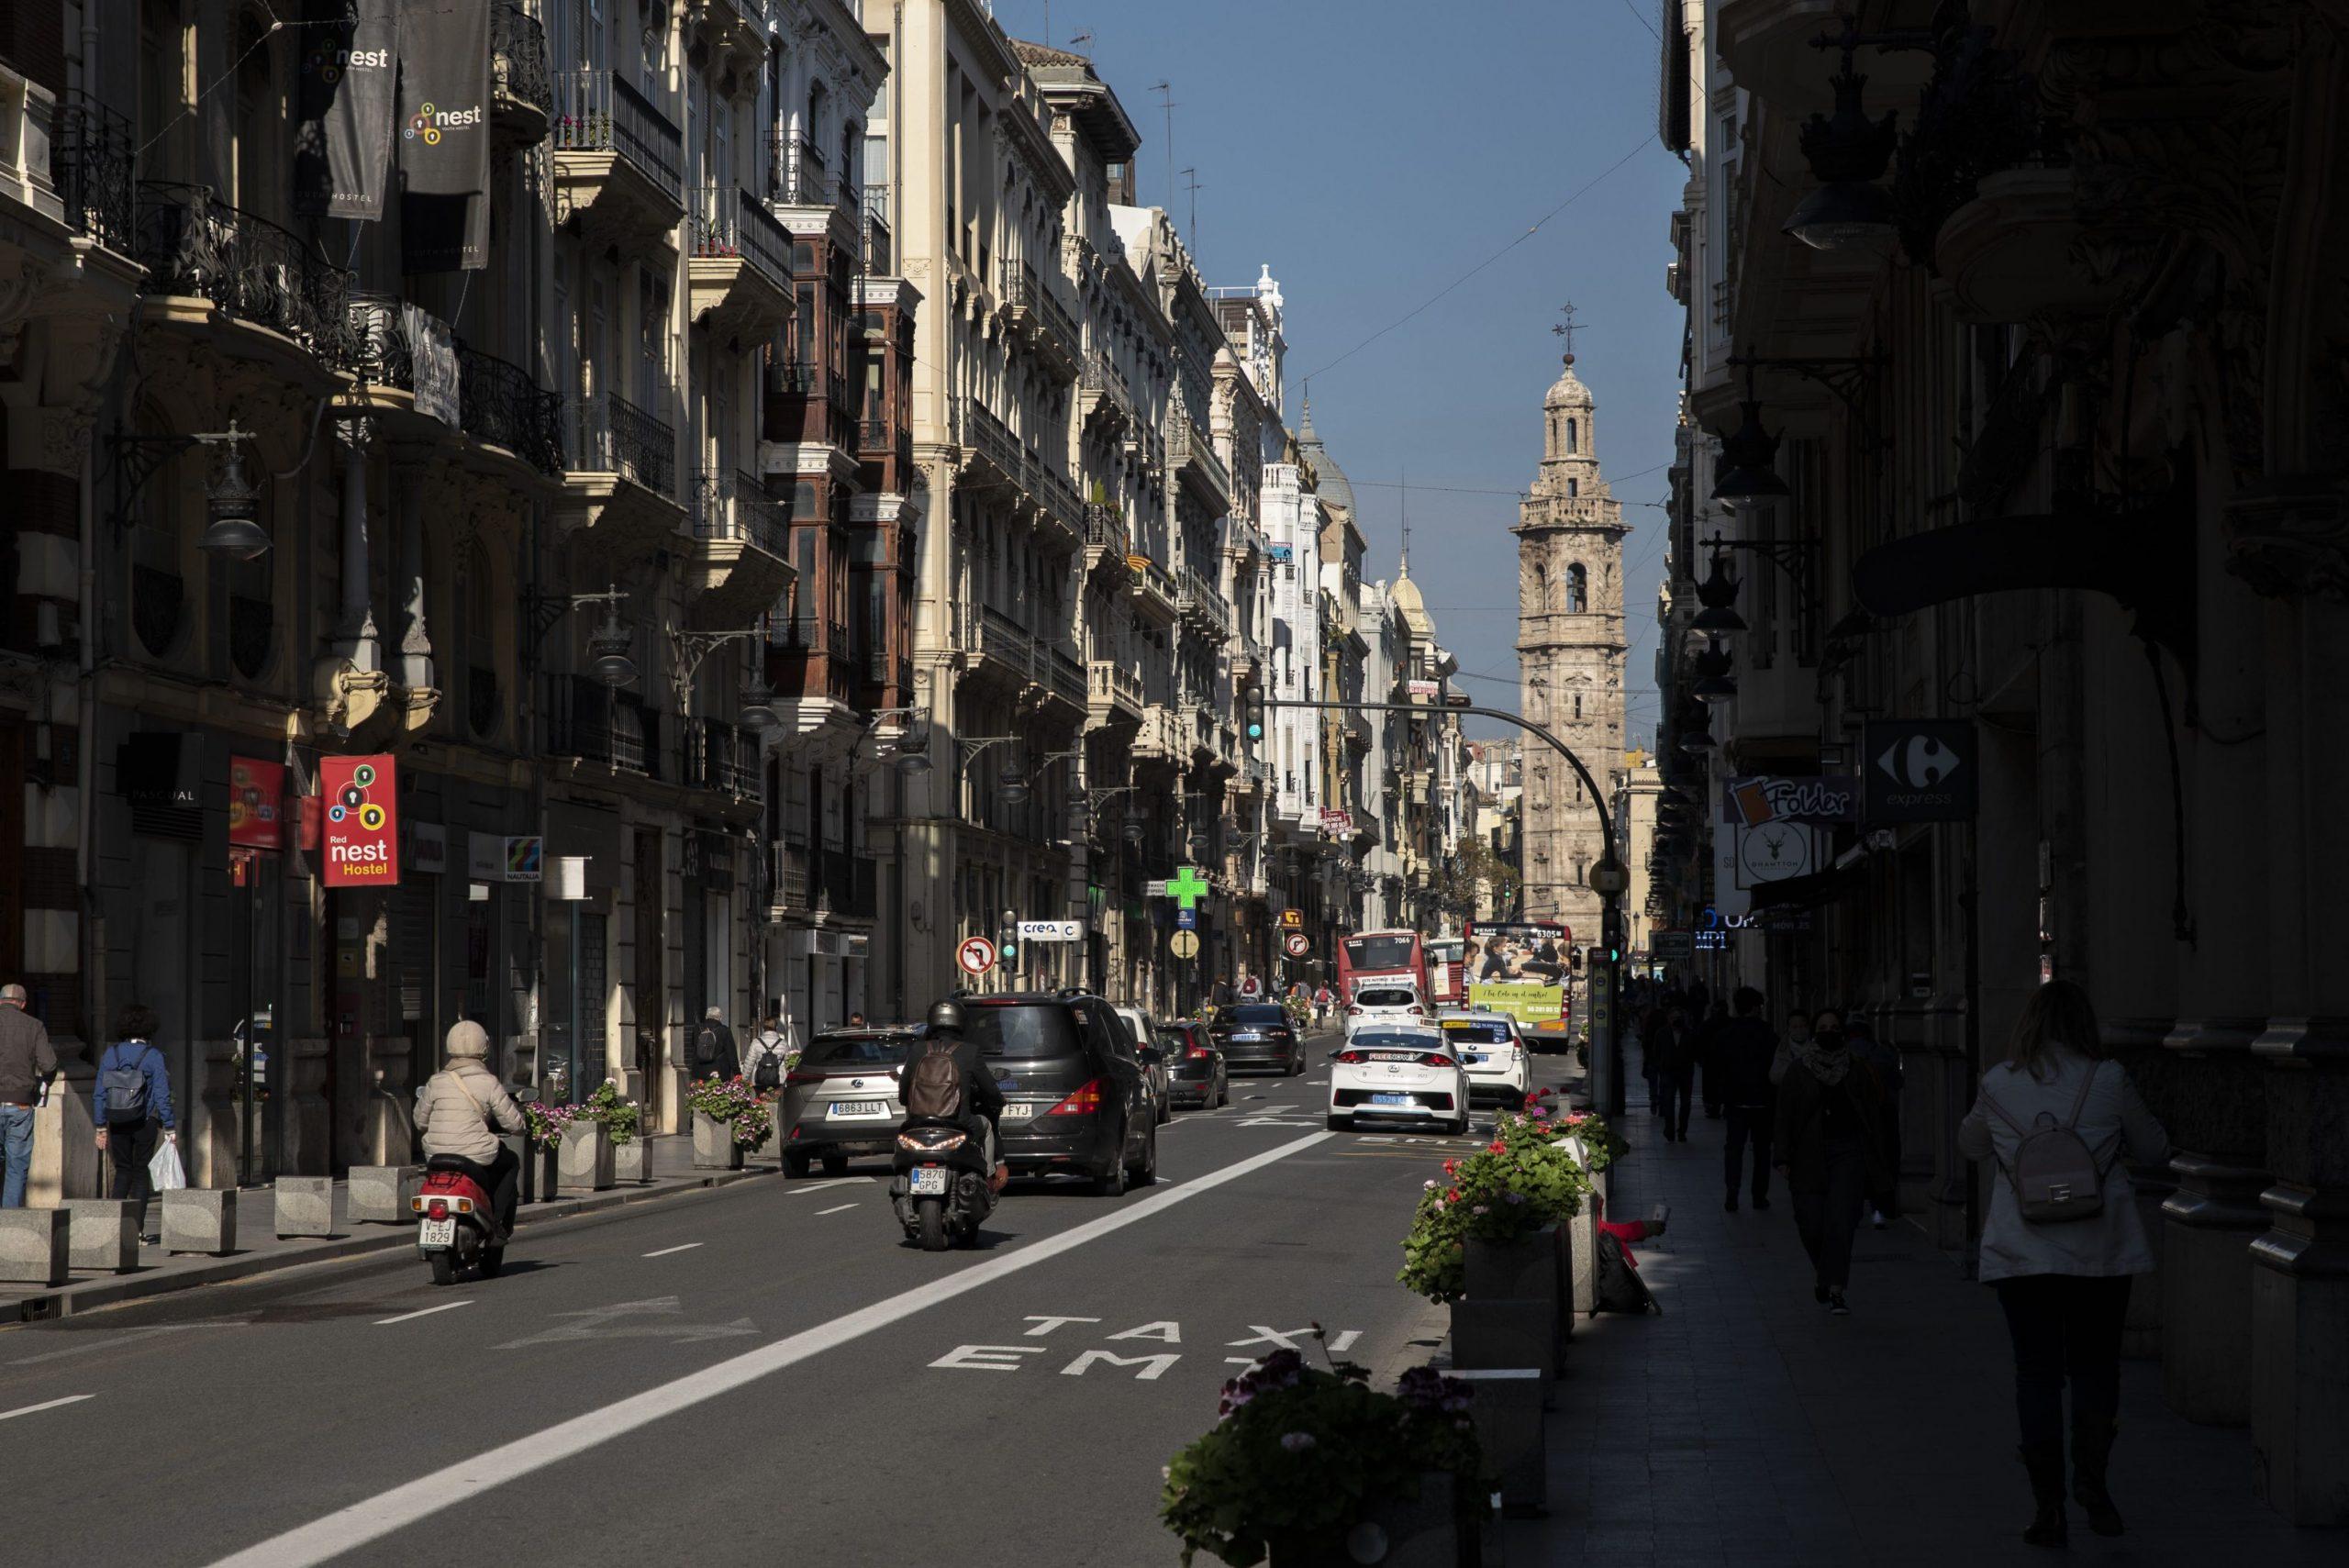 Cel mai bun oraș pentru cei care vor să se mute din țară